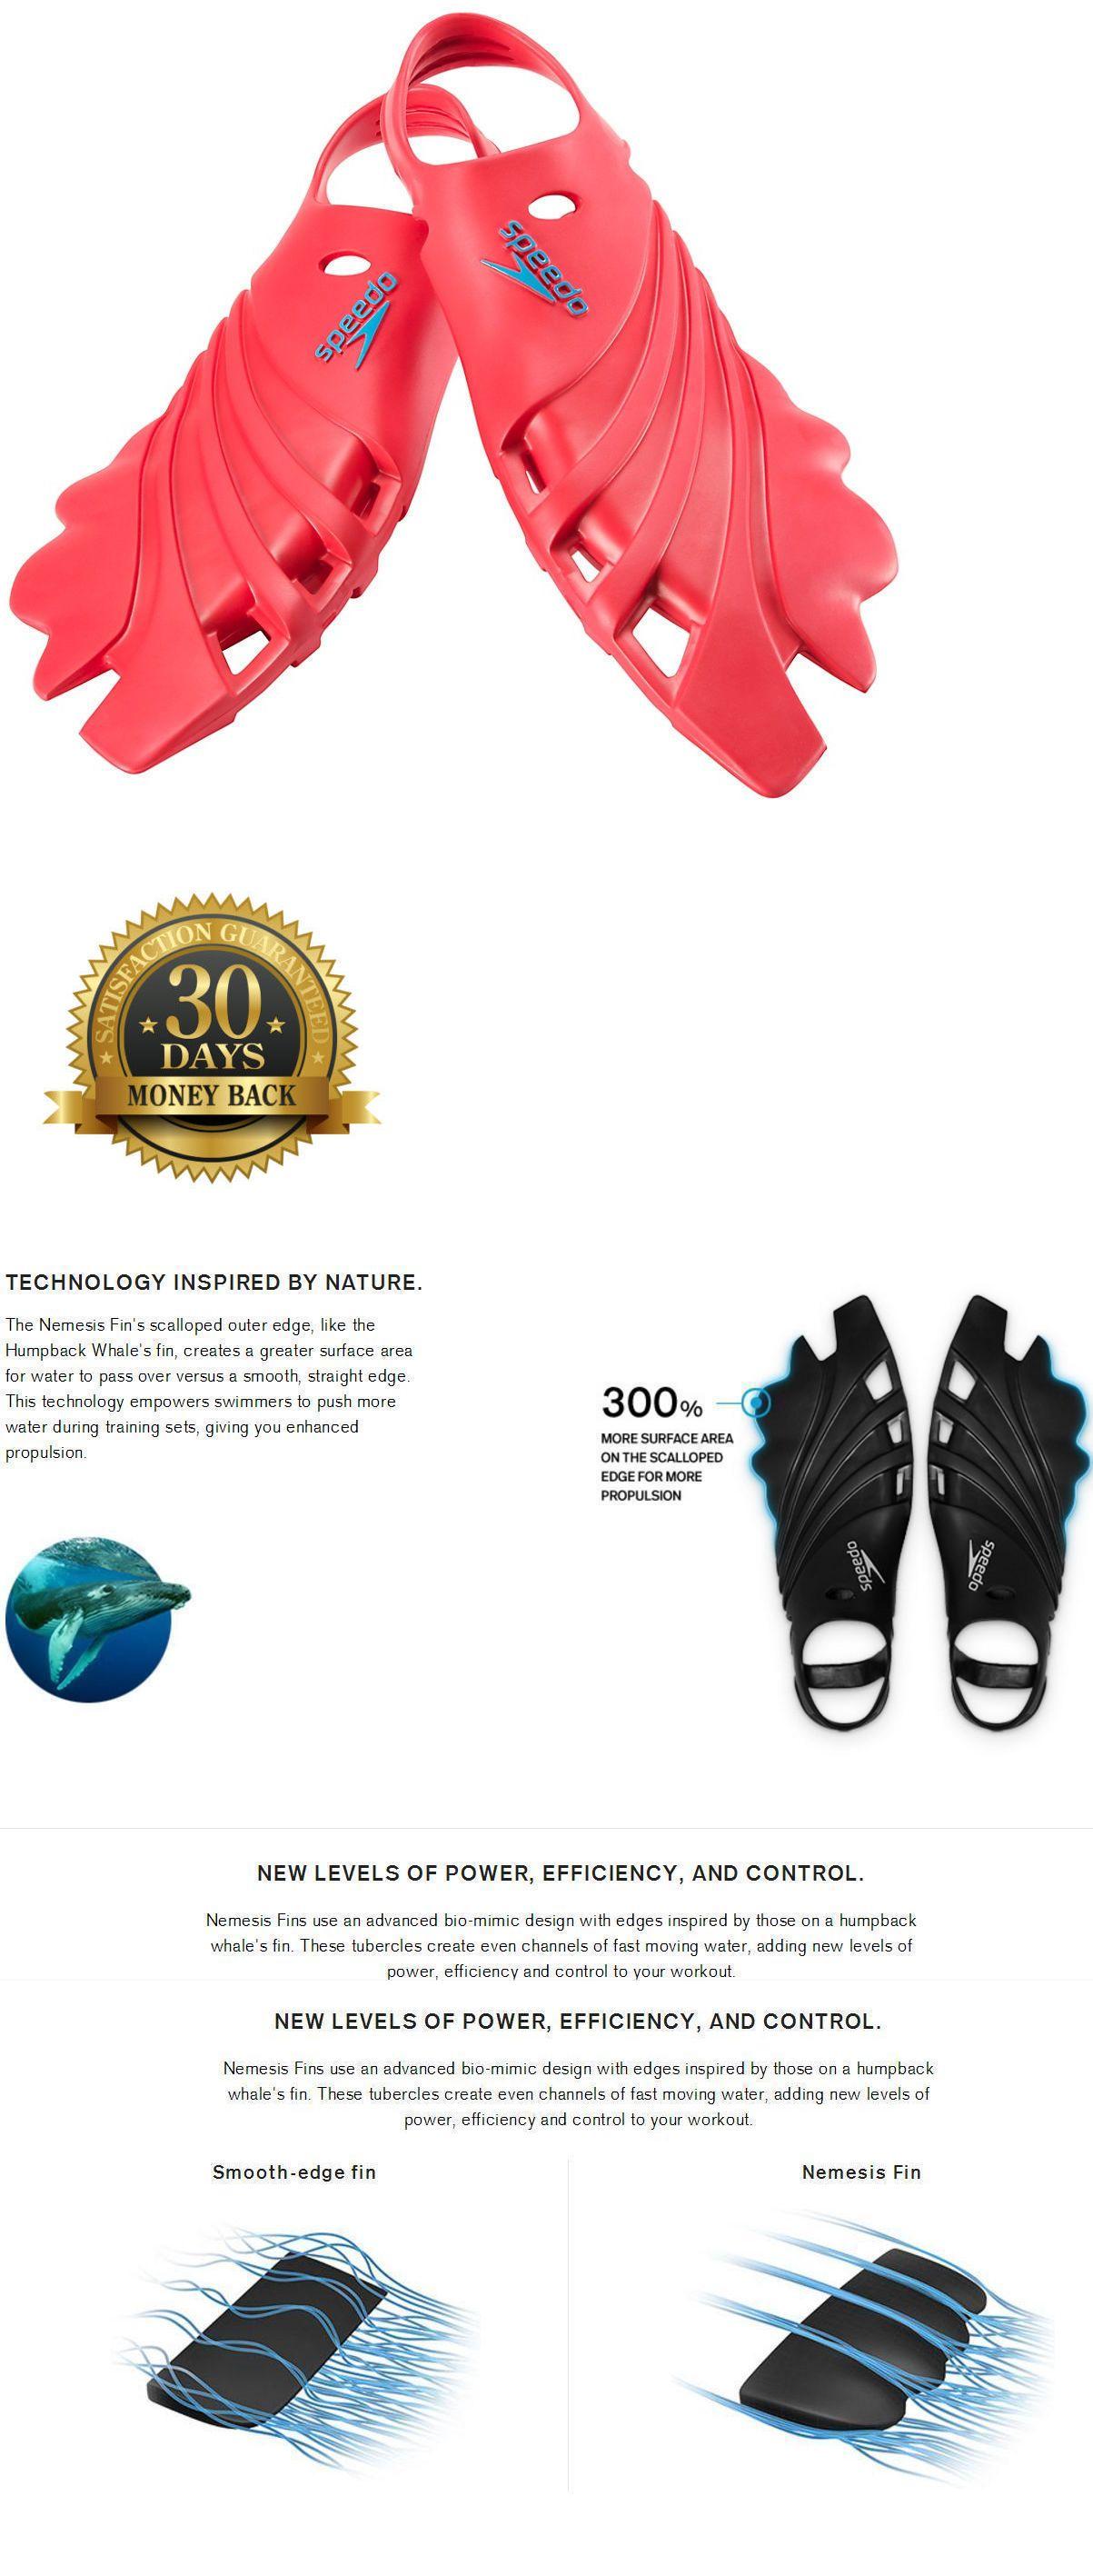 e8d169d105cb Fins 16054  Speedo Nemesis Fins Swimming Scuba Men L Lrg Xl Xxl Red Water  Shoes